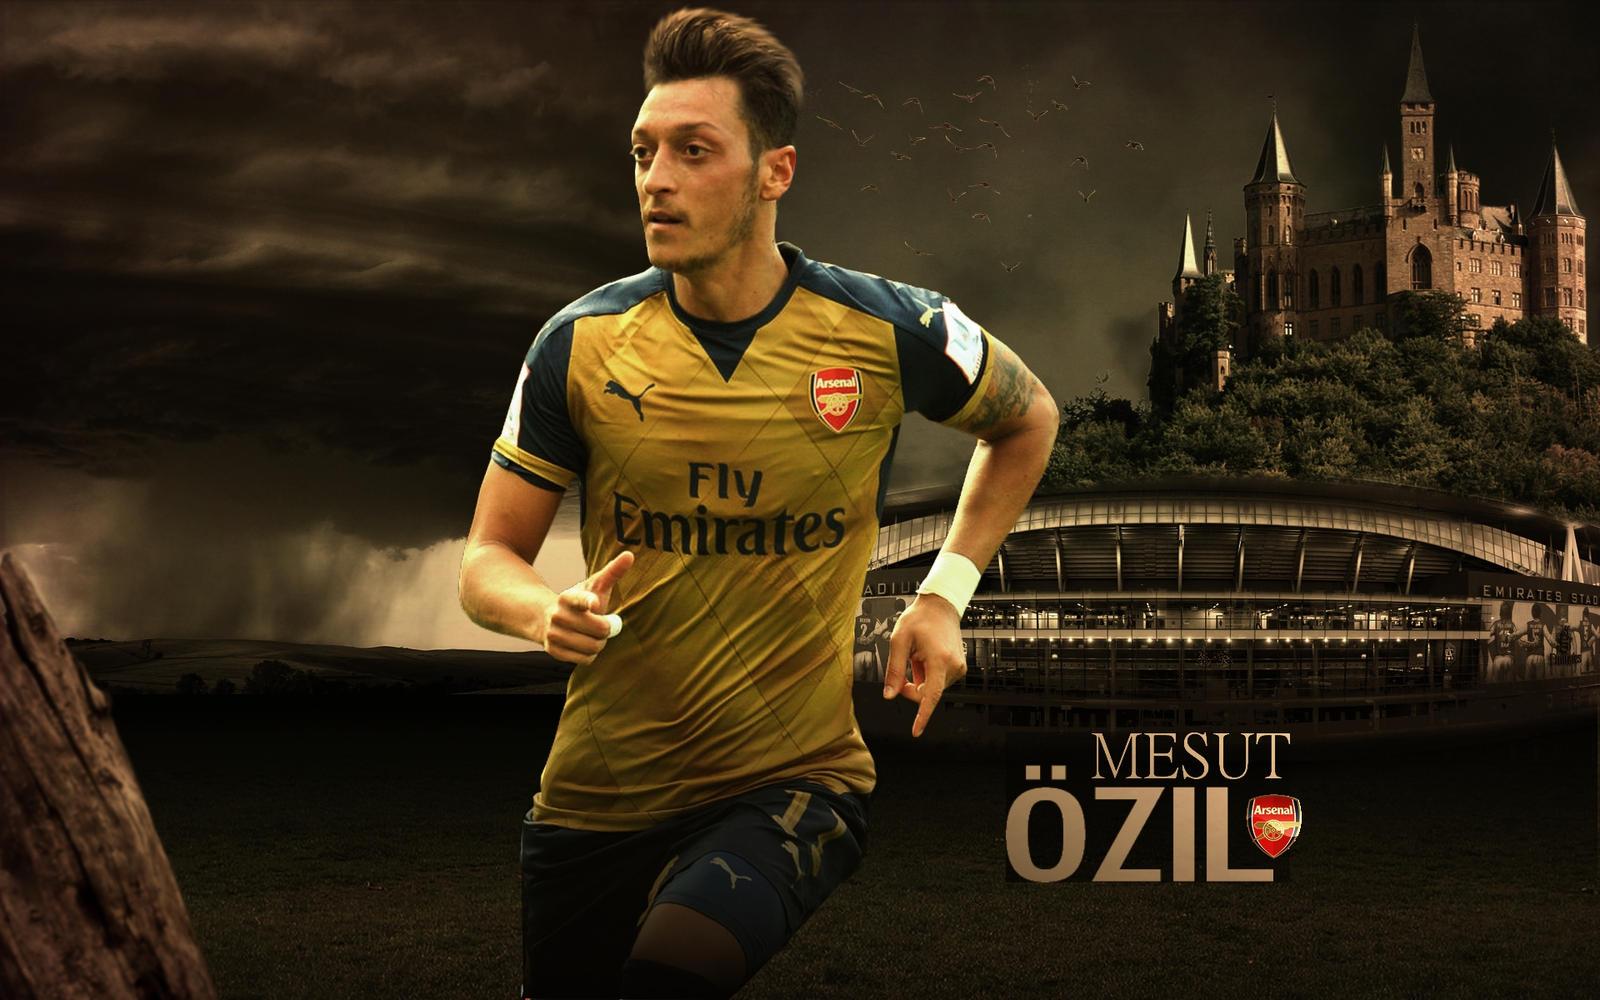 Mesut Ozil Wallpaper Deviantart